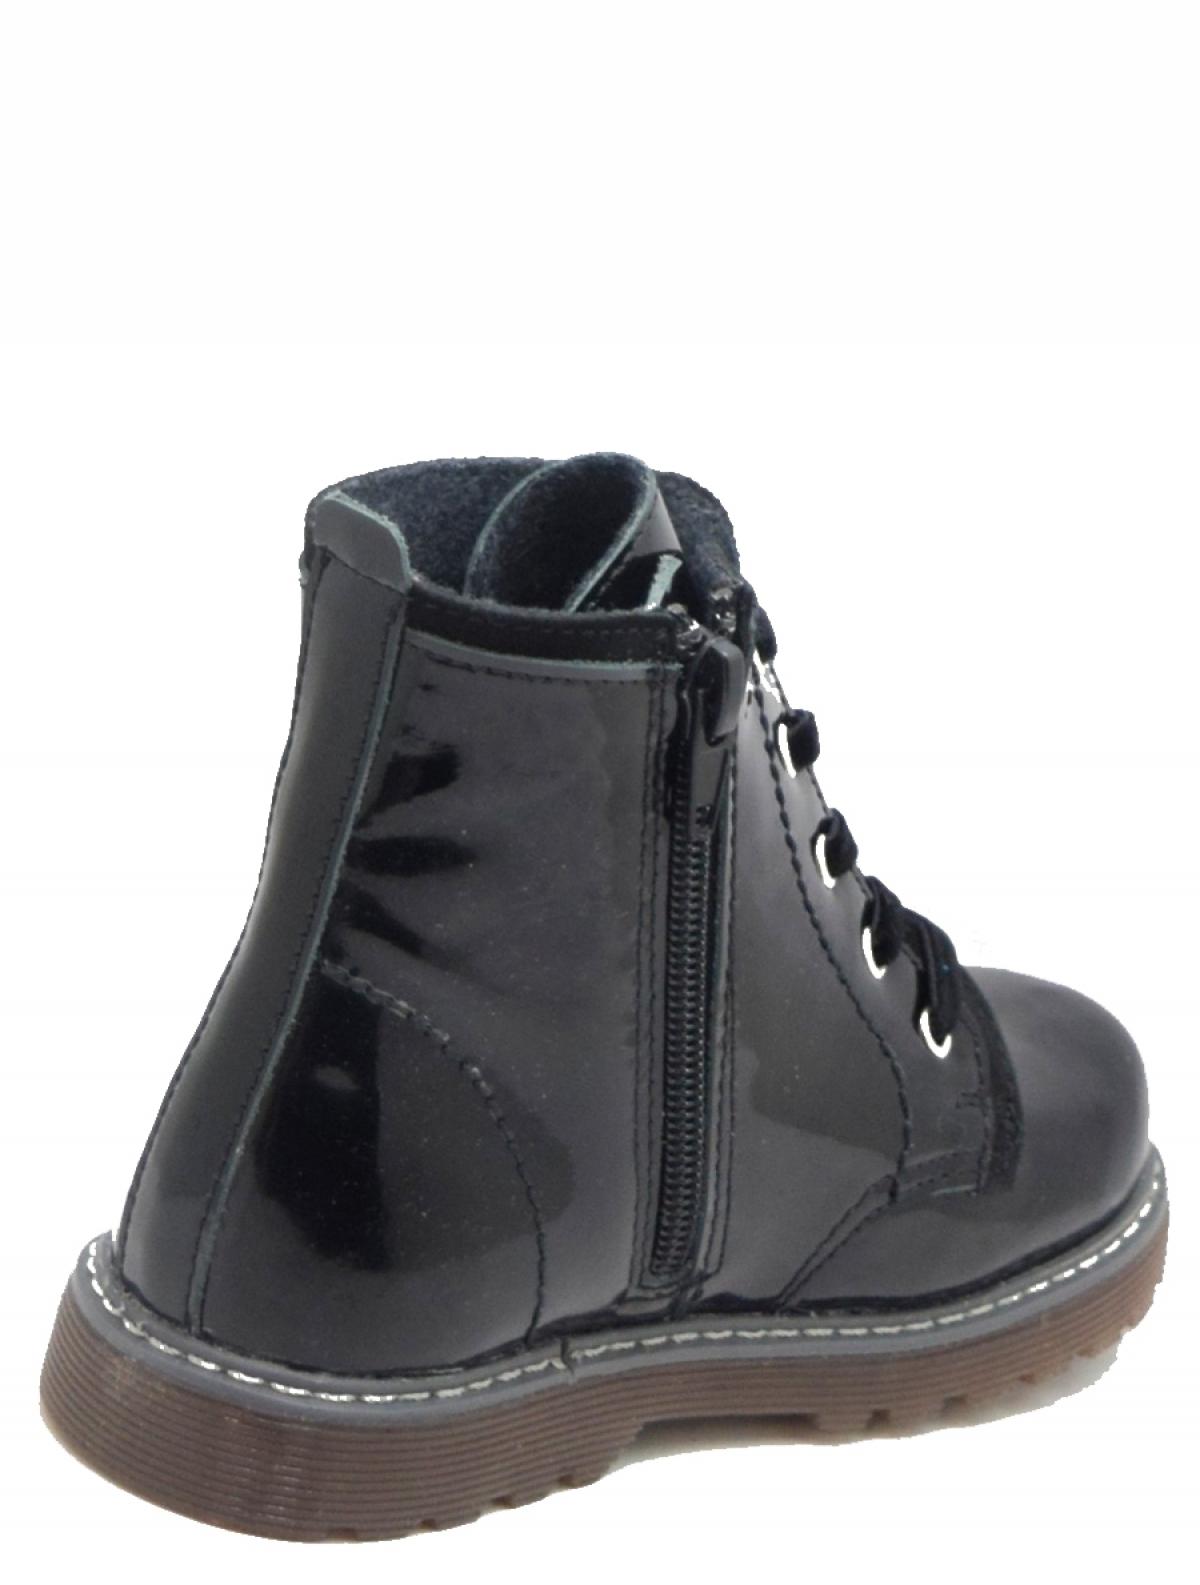 Котофей 352169-31 детские ботинки